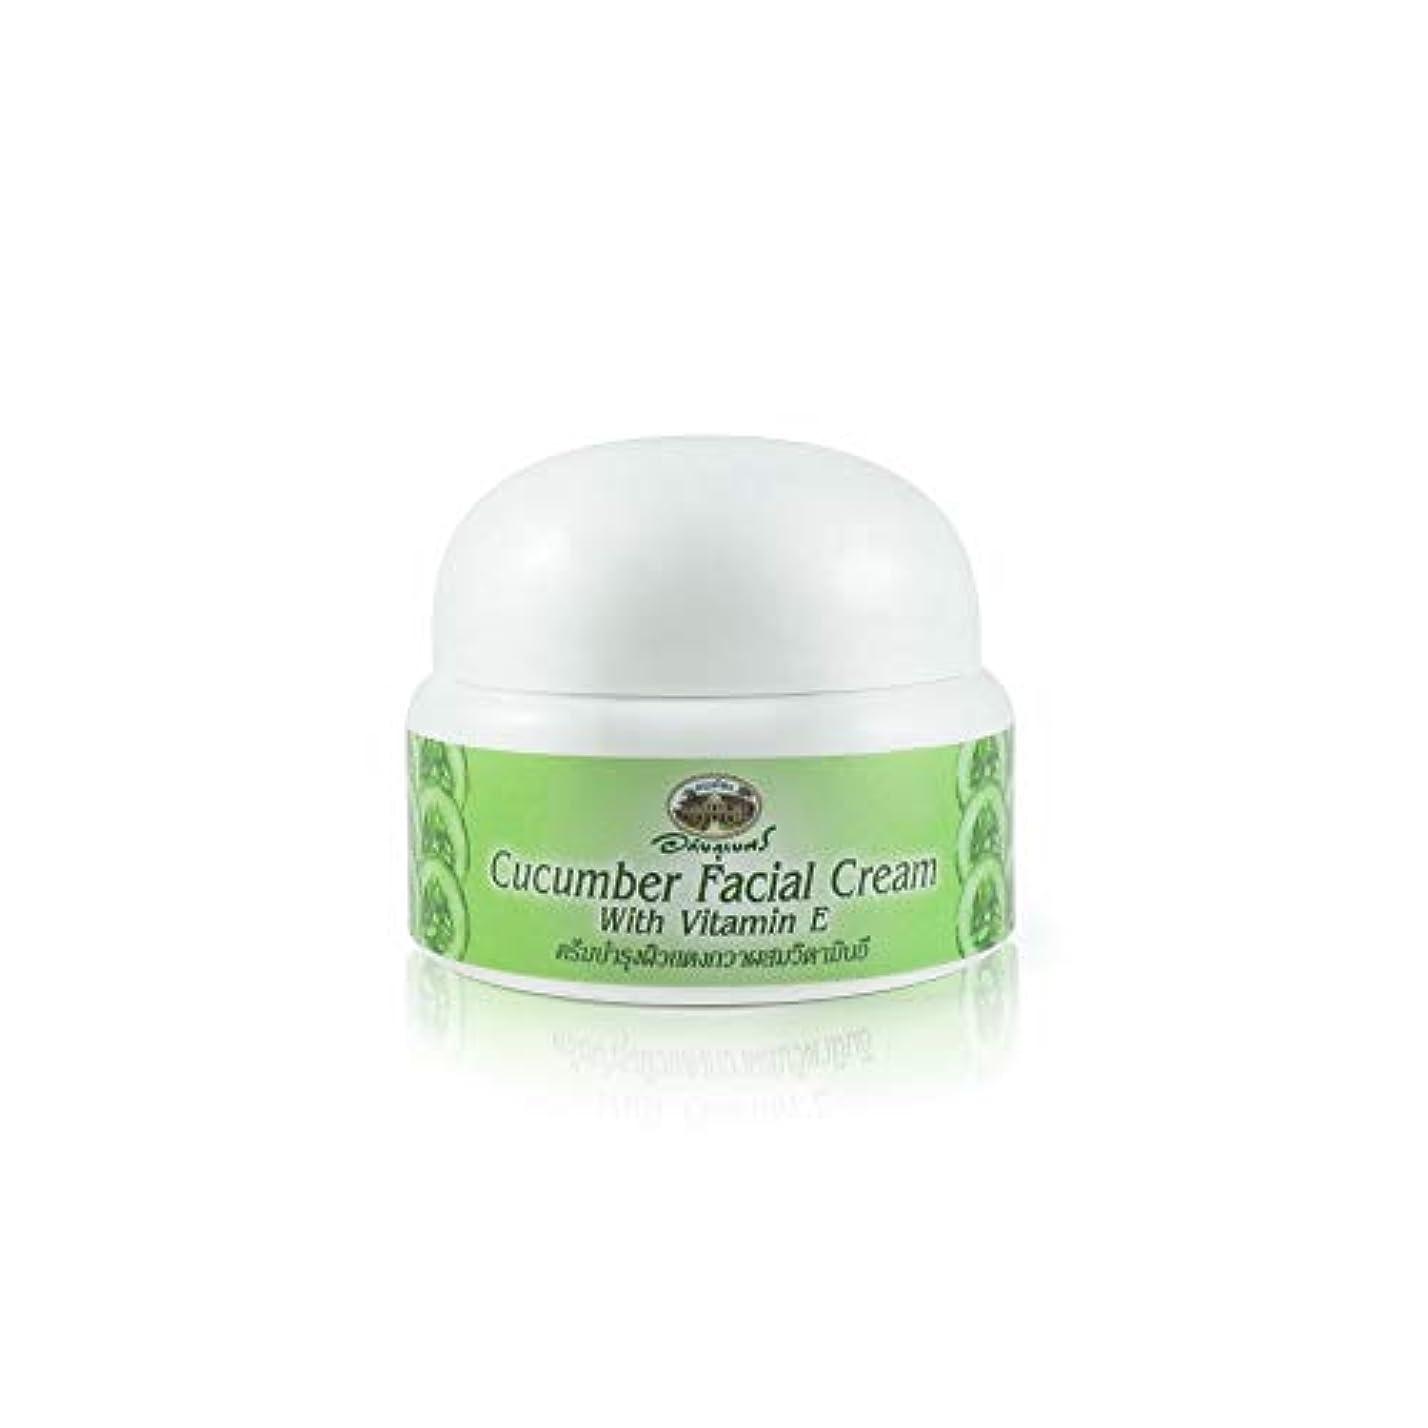 フェンス船形ヘクタールAbhaibhubejhr Cucumber Herbal Facial Cream With Vitamin E 40g. Abhaibhubejhrキュウリハーブフェイシャルクリーム(ビタミンE入り)40g